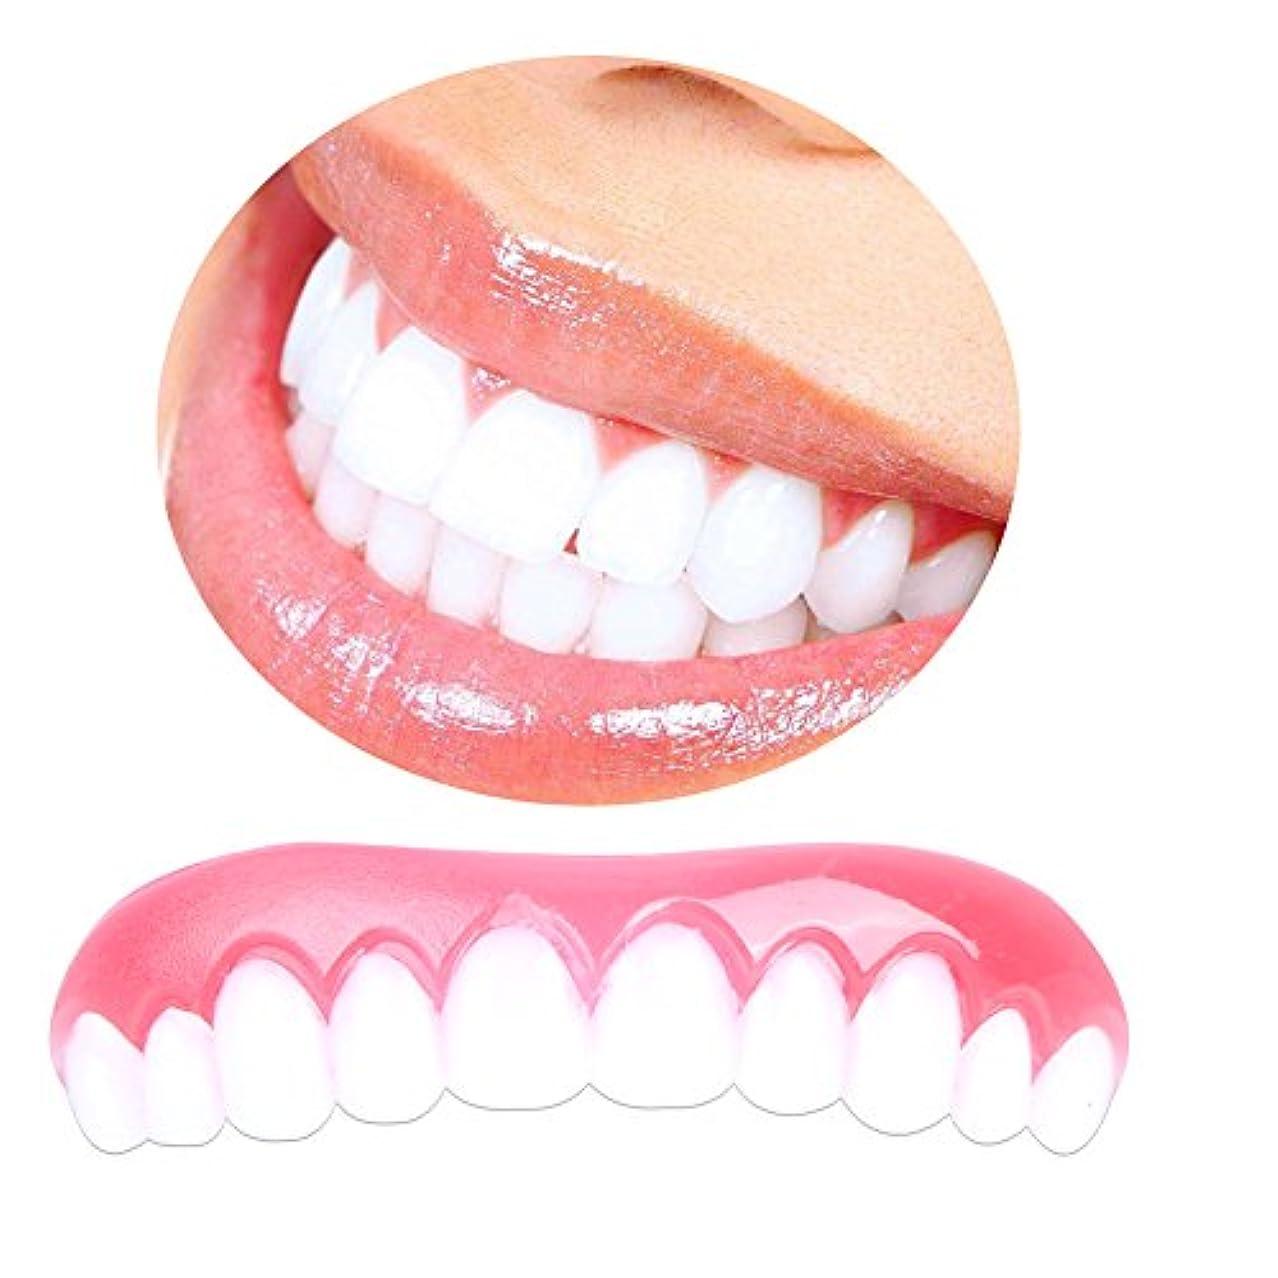 徹底愛撫紛争2ピースコンフォートフィットフレックス化粧品の歯完璧な笑顔のベニヤダブの歯の修正のための歯の修正のための完璧な笑顔のベニヤの歯のホワイトニング